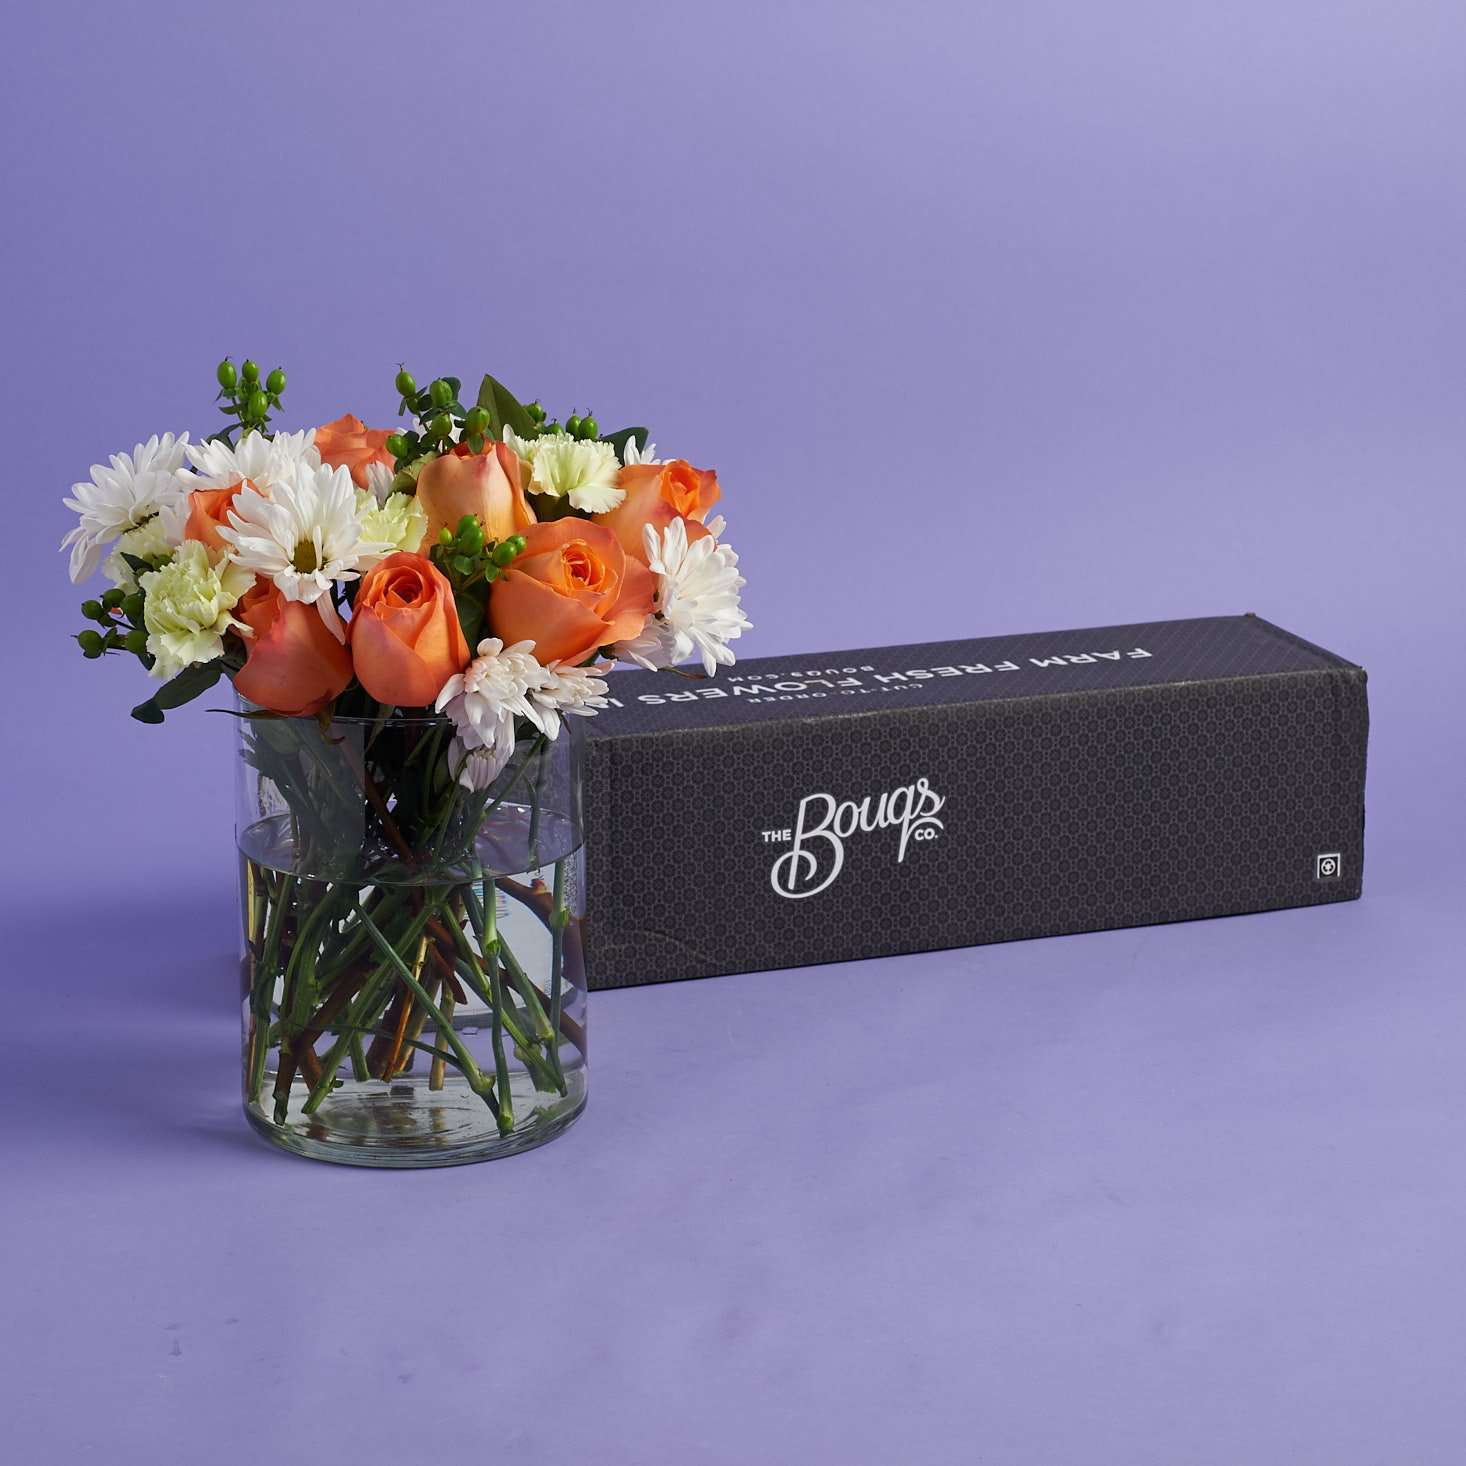 Bouq Flower Subscription